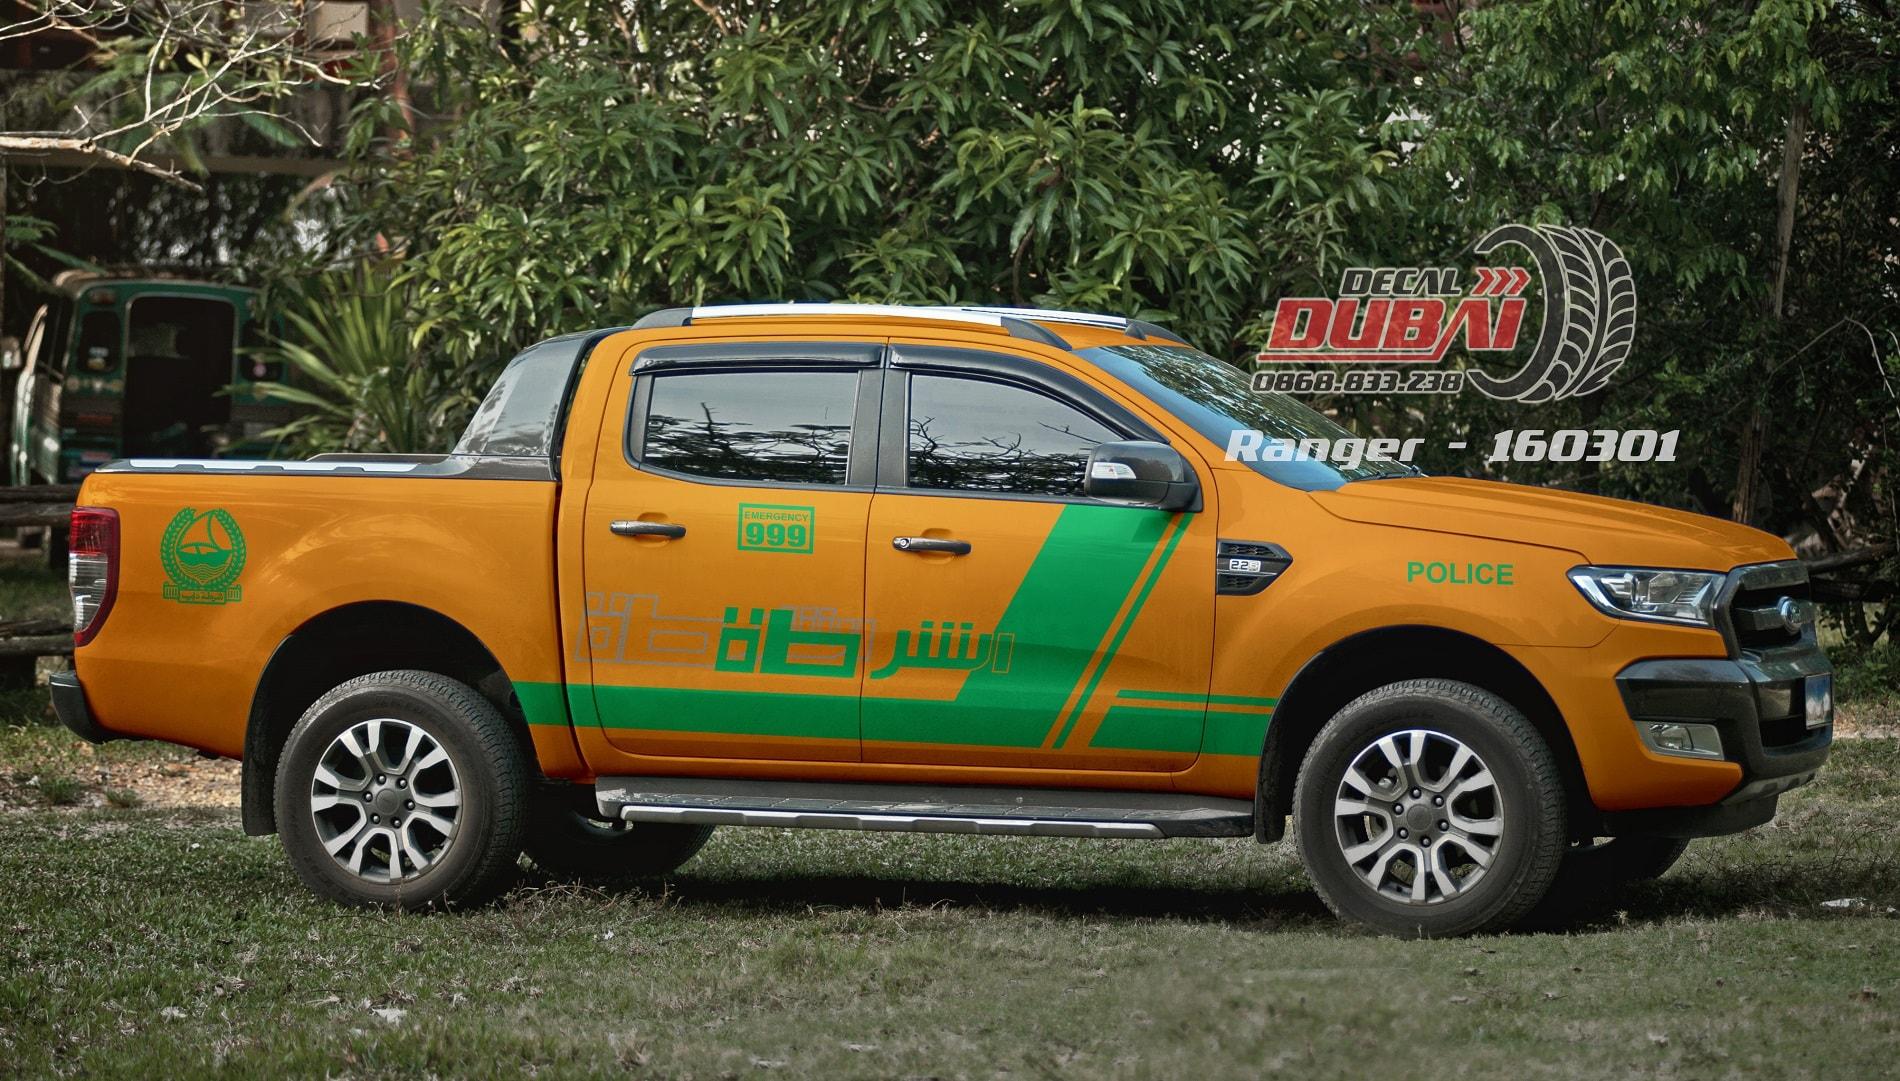 Tem-xe-ranger-2-160301-1650k-min